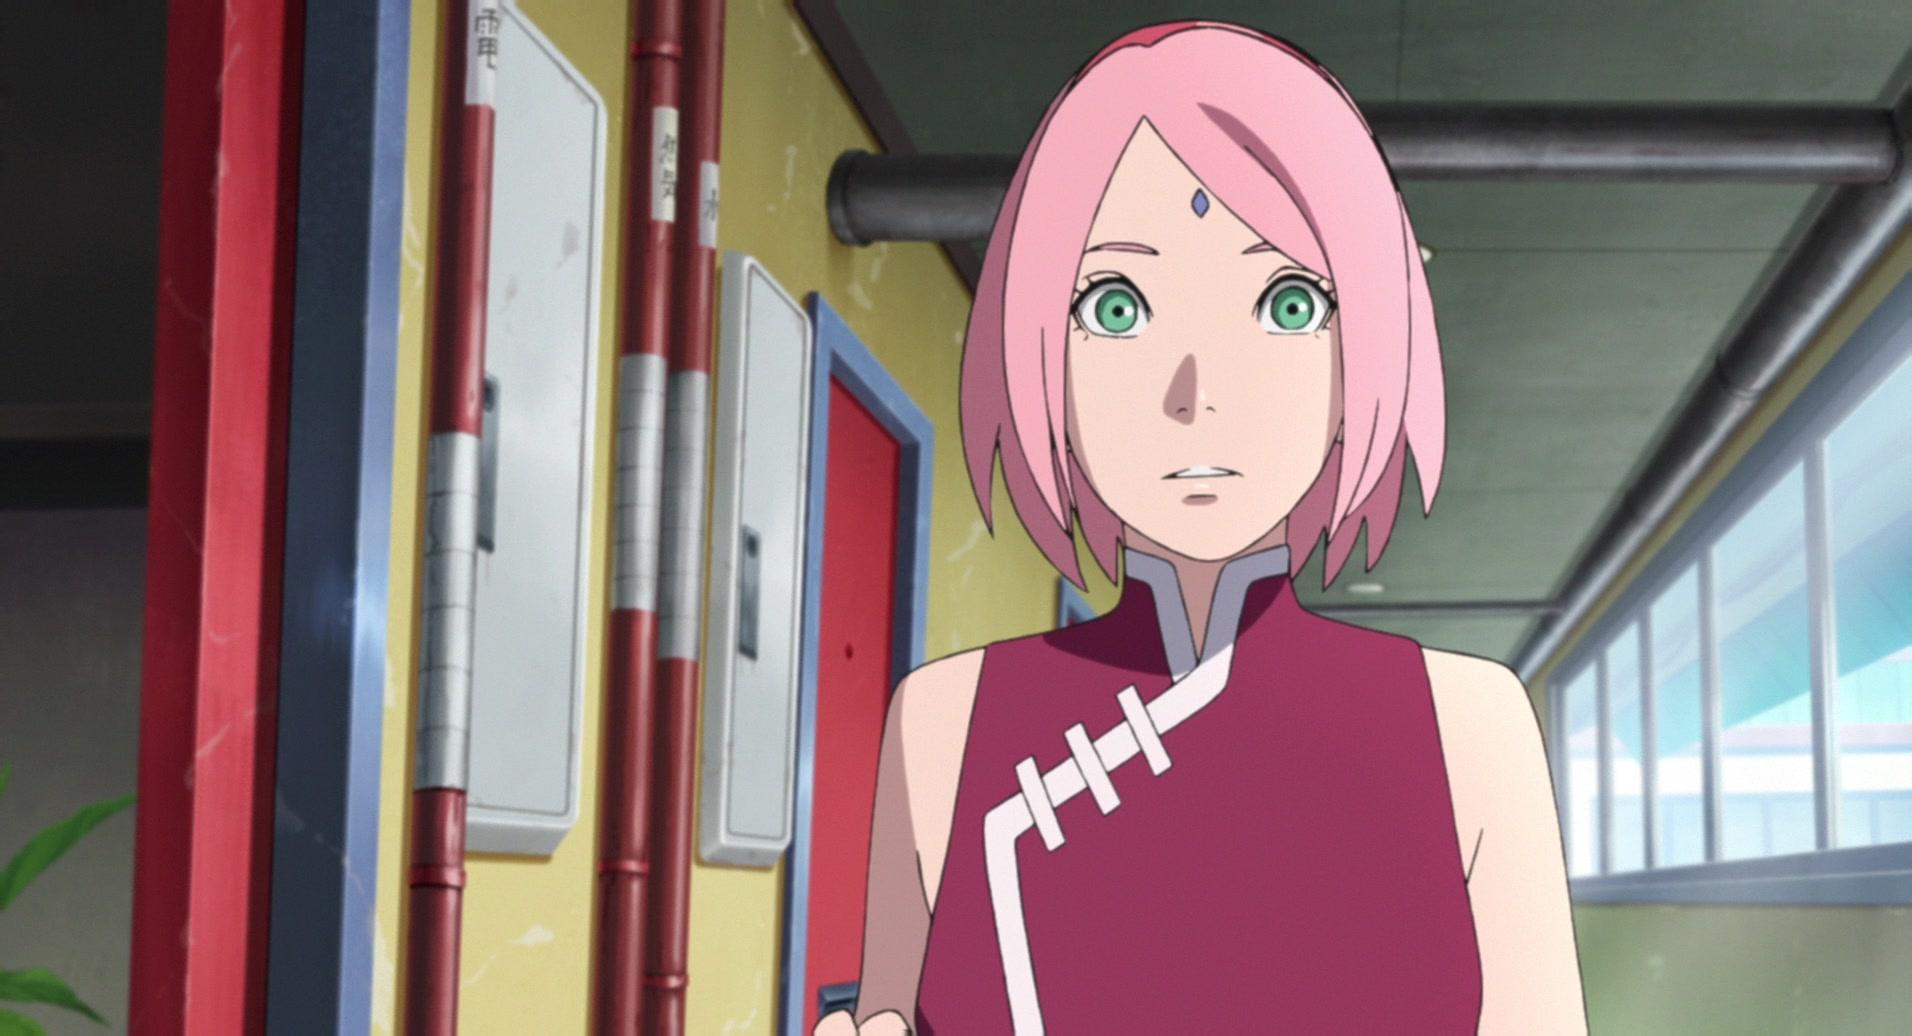 Naruto shippuden episode 292 wiki